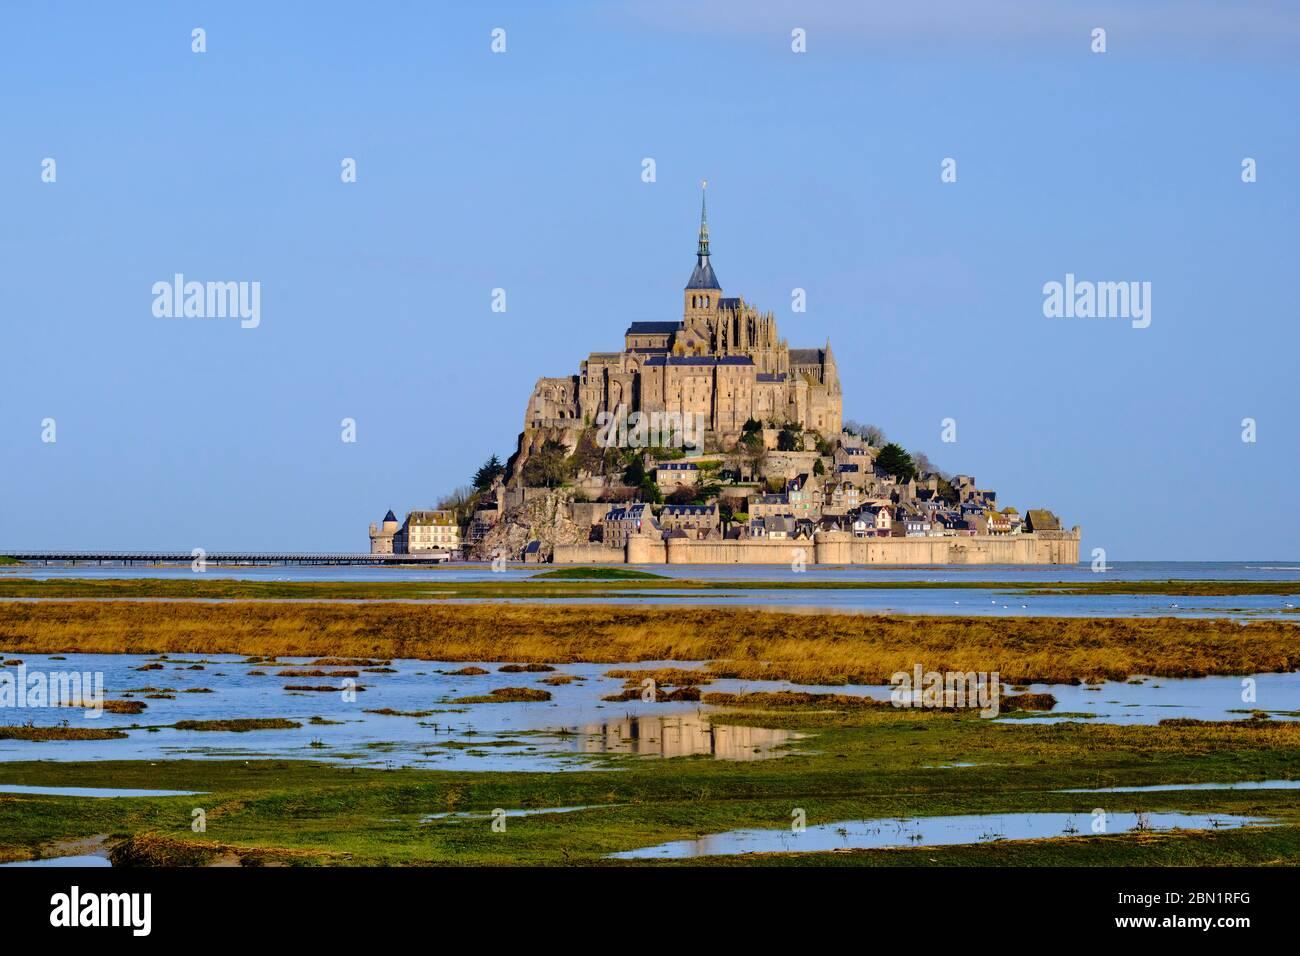 Francia, Normandía, departamento de la Mancha, Bahía del Mont Saint-Michel Patrimonio de la Humanidad de la Unesco, Abadía del Mont Saint-Michel Foto de stock